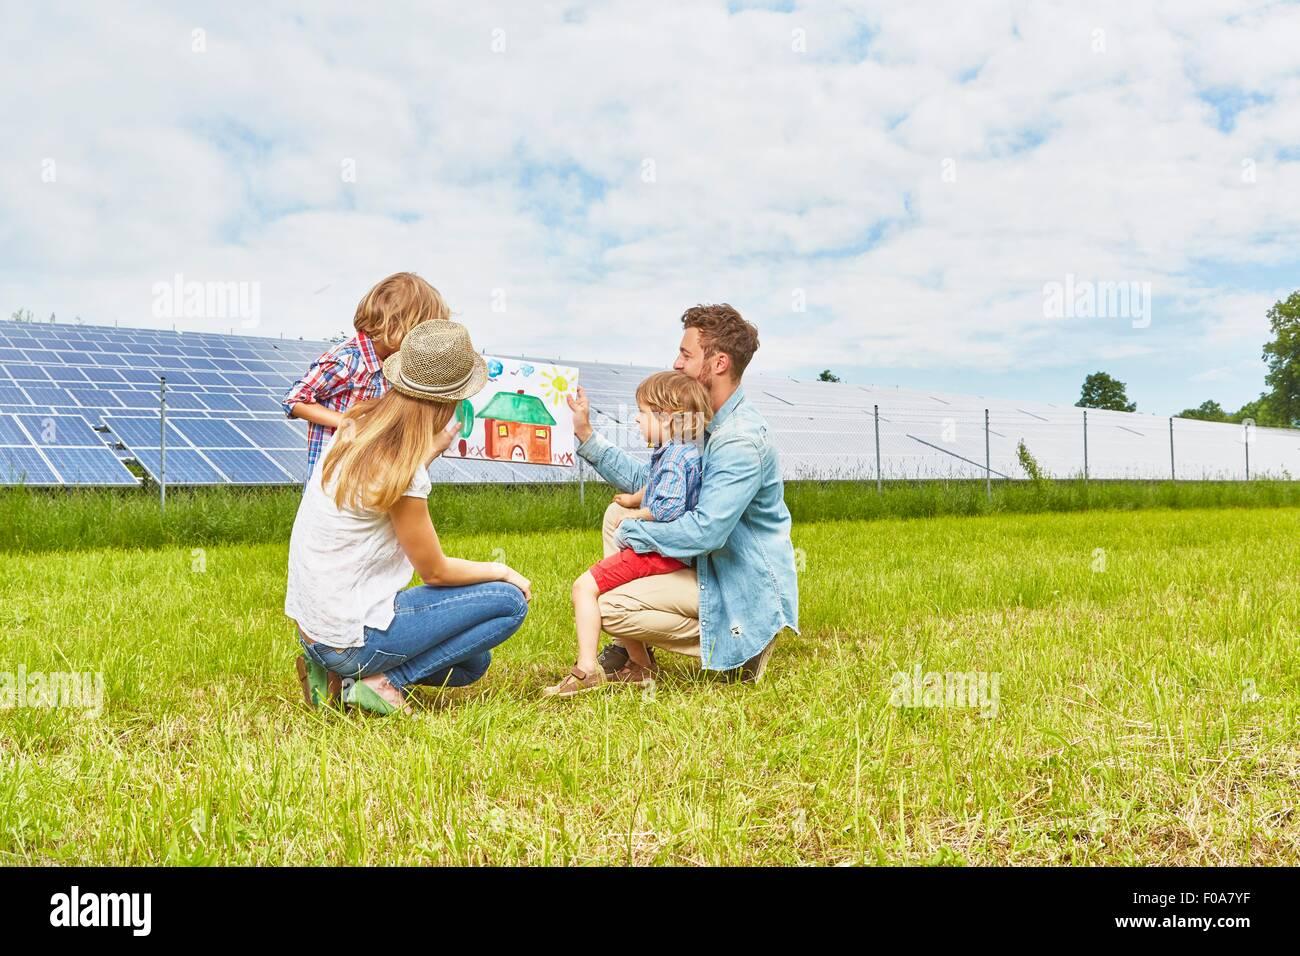 Famiglia giovane seduto in campo, guardando il bambino il disegno della casa, accanto alla fattoria solare Immagini Stock